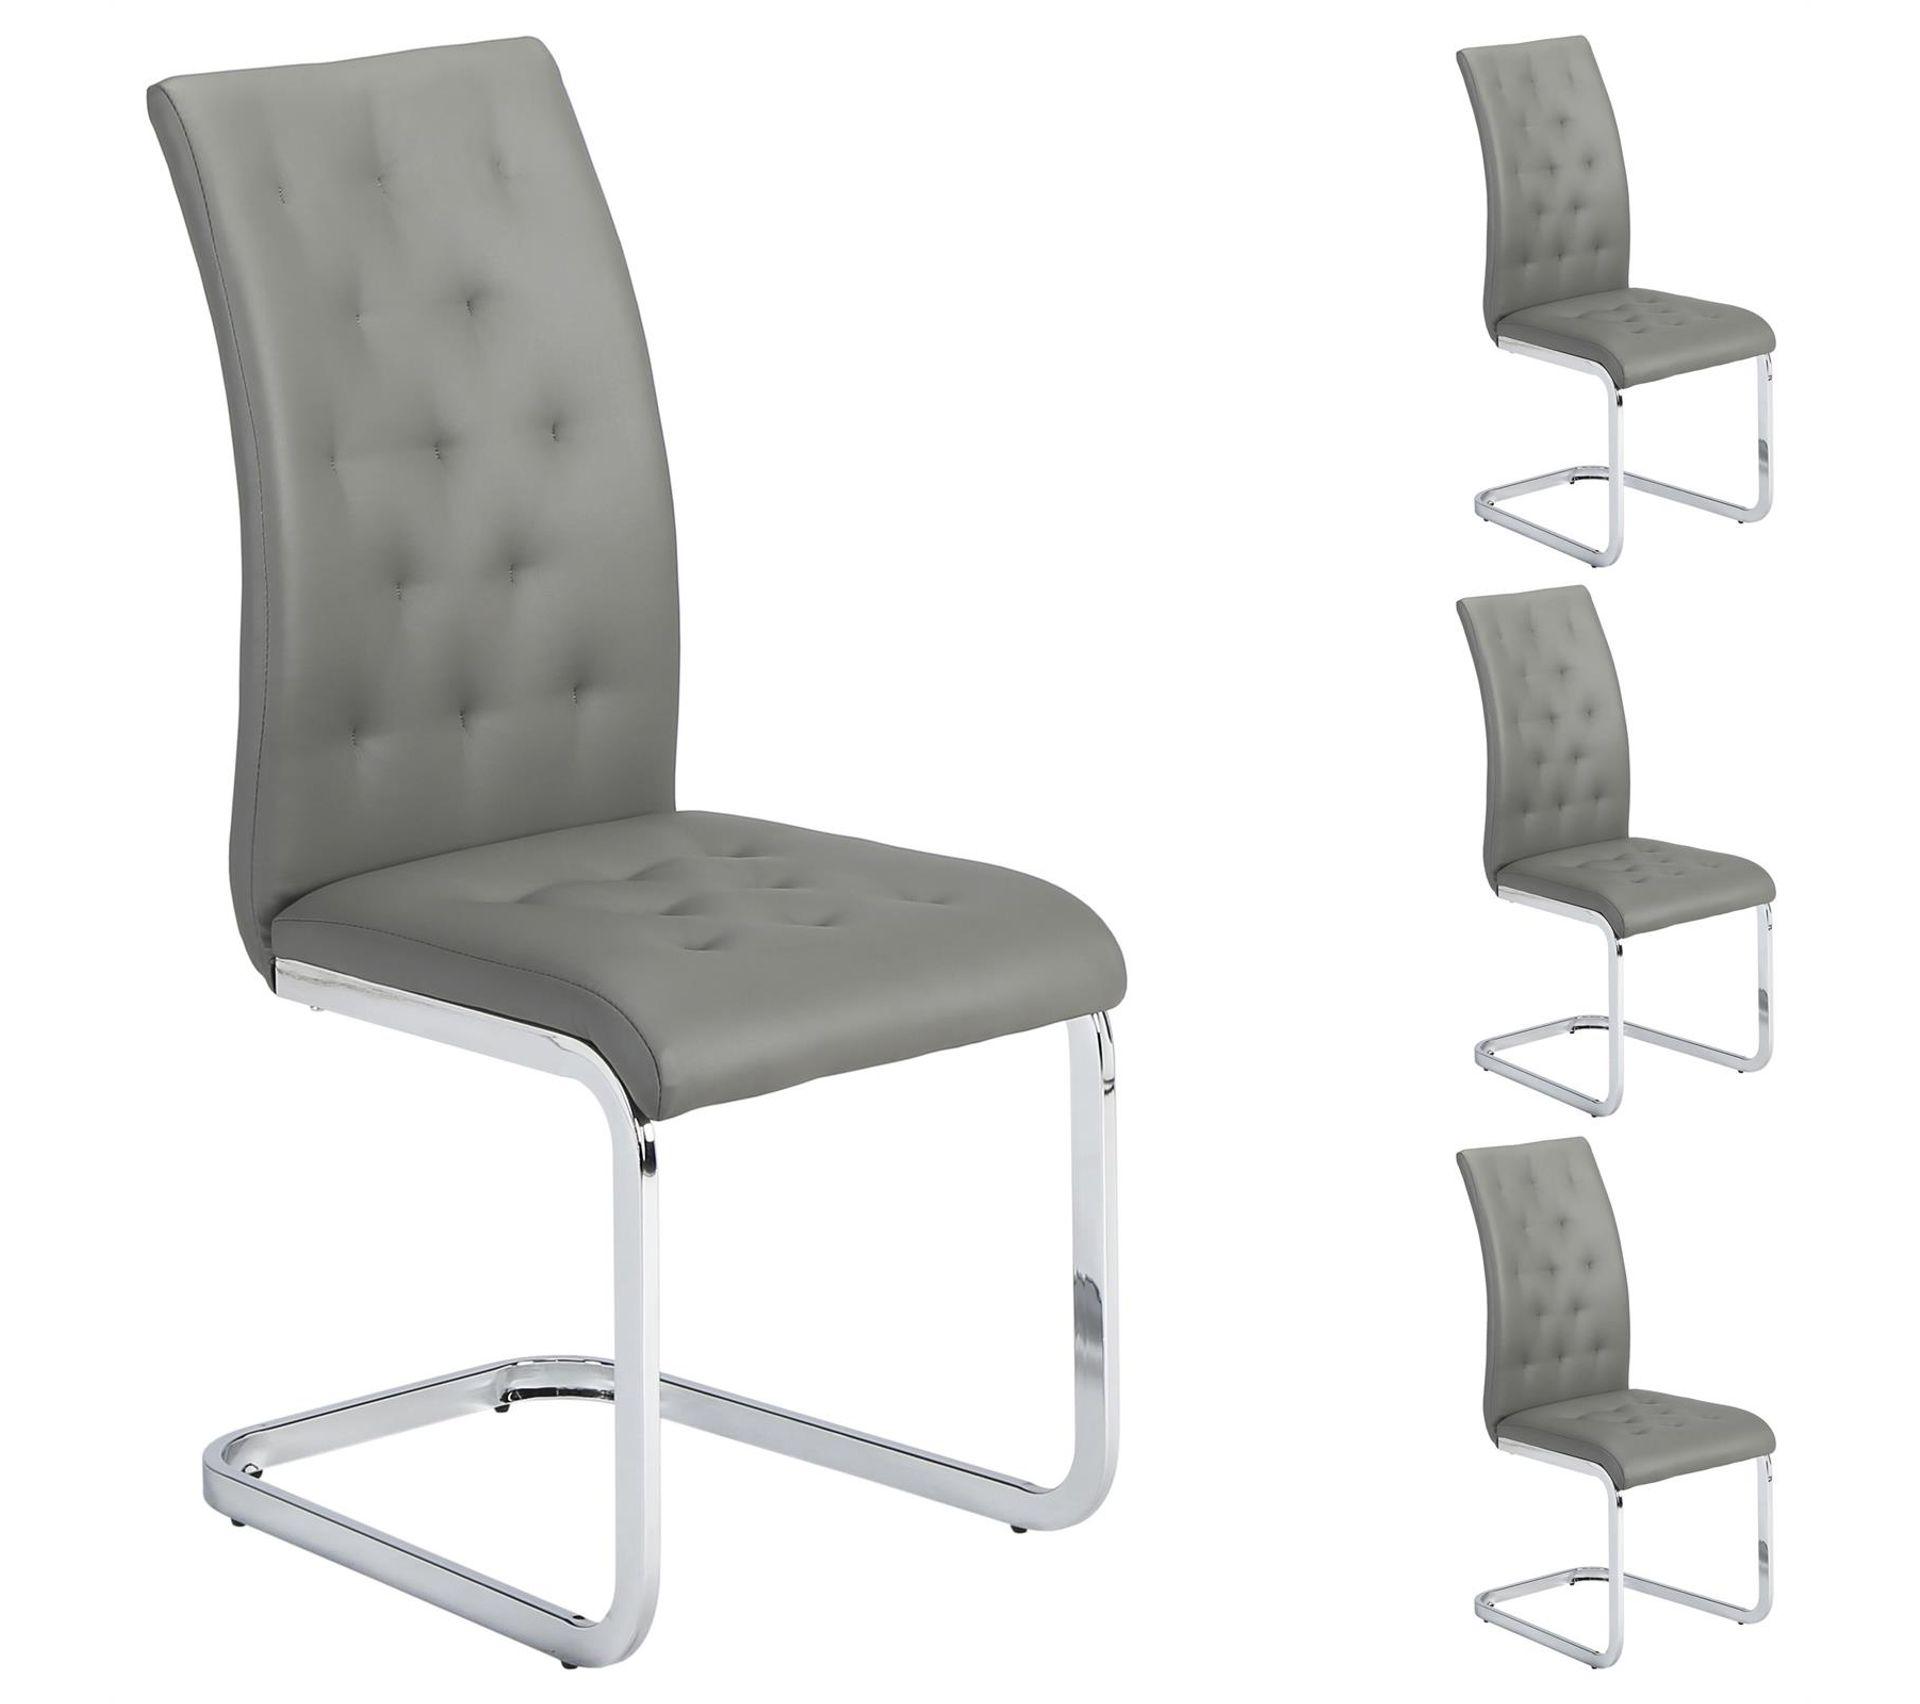 Salon De Jardin Chloé lot de 4 chaises chloe, en synthétique gris